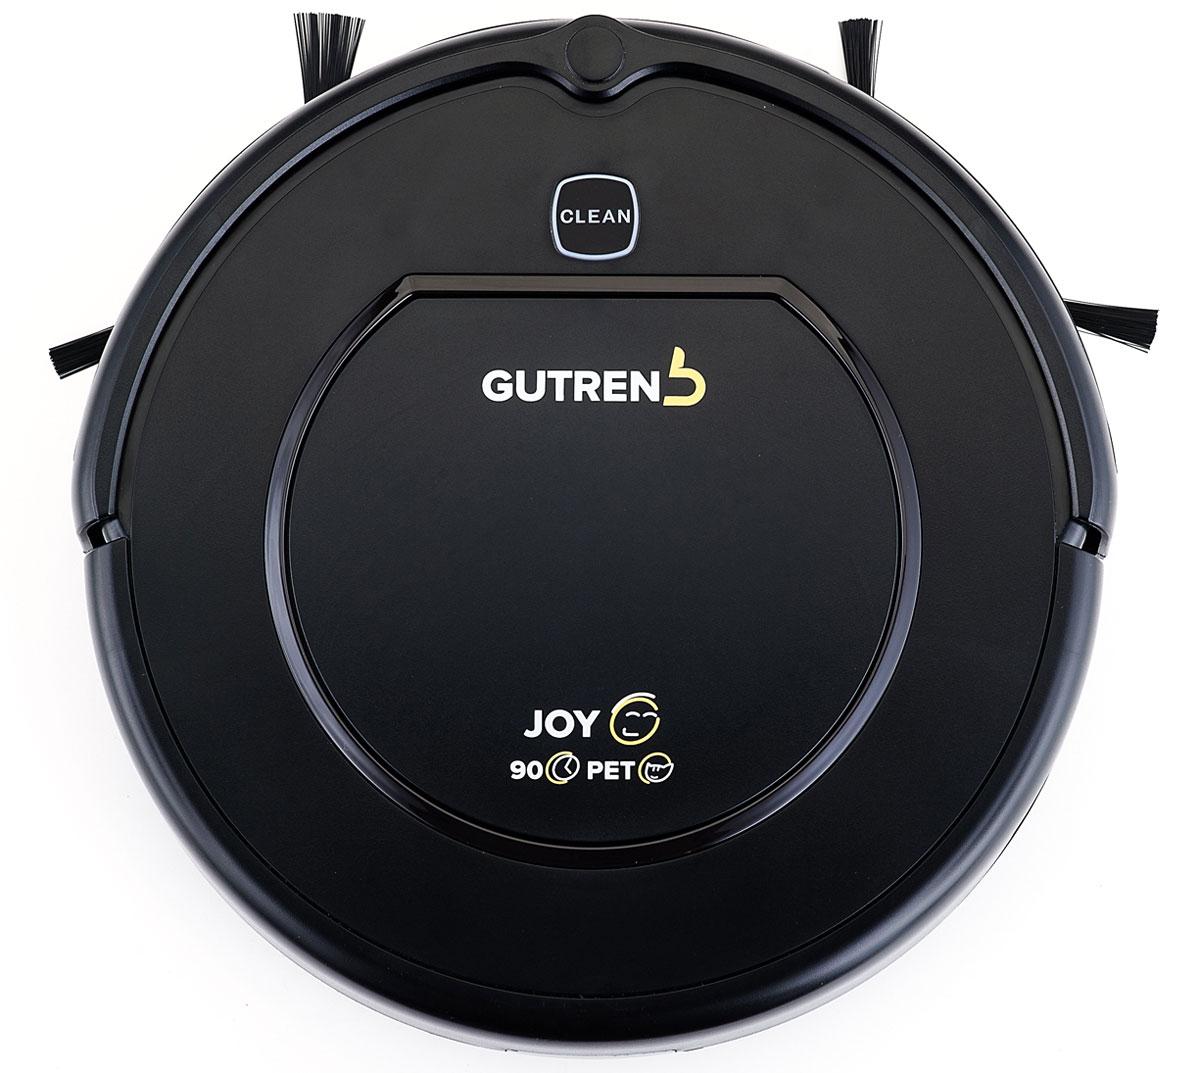 Gutrend Joy 90 робот-пылесосG90BРобот-пылесос Gutrend Joy 90 помогает устранять мусор, пыль, шерсть домашних животных и отлично убирает любые типы поверхностей: линолеум, паркет, ламинат, кафельную плитку и ковролин.Одна из ключевых особенностей данной модели – это максимальная простота в использовании. Вам не придется подолгу разбираться в настройках и принципах работы – все управление сводится к нажатию одной кнопки. Остальное робот сделает сам.Пылесос оснащен целым комплексом полезных функций:Обнаружение препятствий – 10 пар датчиков, расположенные на переднем бампере устройства, позволят обнаружить преграды на пути робота-пылесоса и избежать столкновения за несколько миллиметров до препятствия.Предотвращение падения с высоты – 3 пары датчиков, расположенные на переднейи боковых плоскостях дна робота-пылесоса, позволят обнаружить перепад высоты и предотвратить падение устройства.Уборка по расписанию – вы можете запланировать уборку робота-пылесоса на конкретное, удобное для вас время.Увеличение мощности всасывания – если вы хотите убрать область с большим скоплением мусора, направьте туда робот-пылесос и нажмите кнопку Спираль.Робот увеличит мощность всасывания и будет двигаться по спирали в заданном месте.Защита от запутывания – боковые щетки робота при попадании в какое-либо препятствие определяют натяжение и начинают вращение в обратную сторону.Оповещение об ошибках – робот-пылесос подает звуковой сигнал, оповещающий об ошибке.Аккумулятор высокой емкости позволяет роботу-пылесосу убирать помещение беспрерывно в течение 90 мин, площадью до 100 м2. Благодаря высокой мощности всасывания, а также конструкции щеток и всасывающего отверстия, данная модель особенно хорошо справляется с шерстью домашних питомцев и пылью.Данная модель имеет вместительный пылесборник (0.6 л), что позволяет очищать егоот мусора намного реже. Пылесборник предусматривает две ступени фильтрации: сетчатый фильтр для крупного мусора и HEPA-фильтр для удержания мельчайших частиц пыли. Он легко